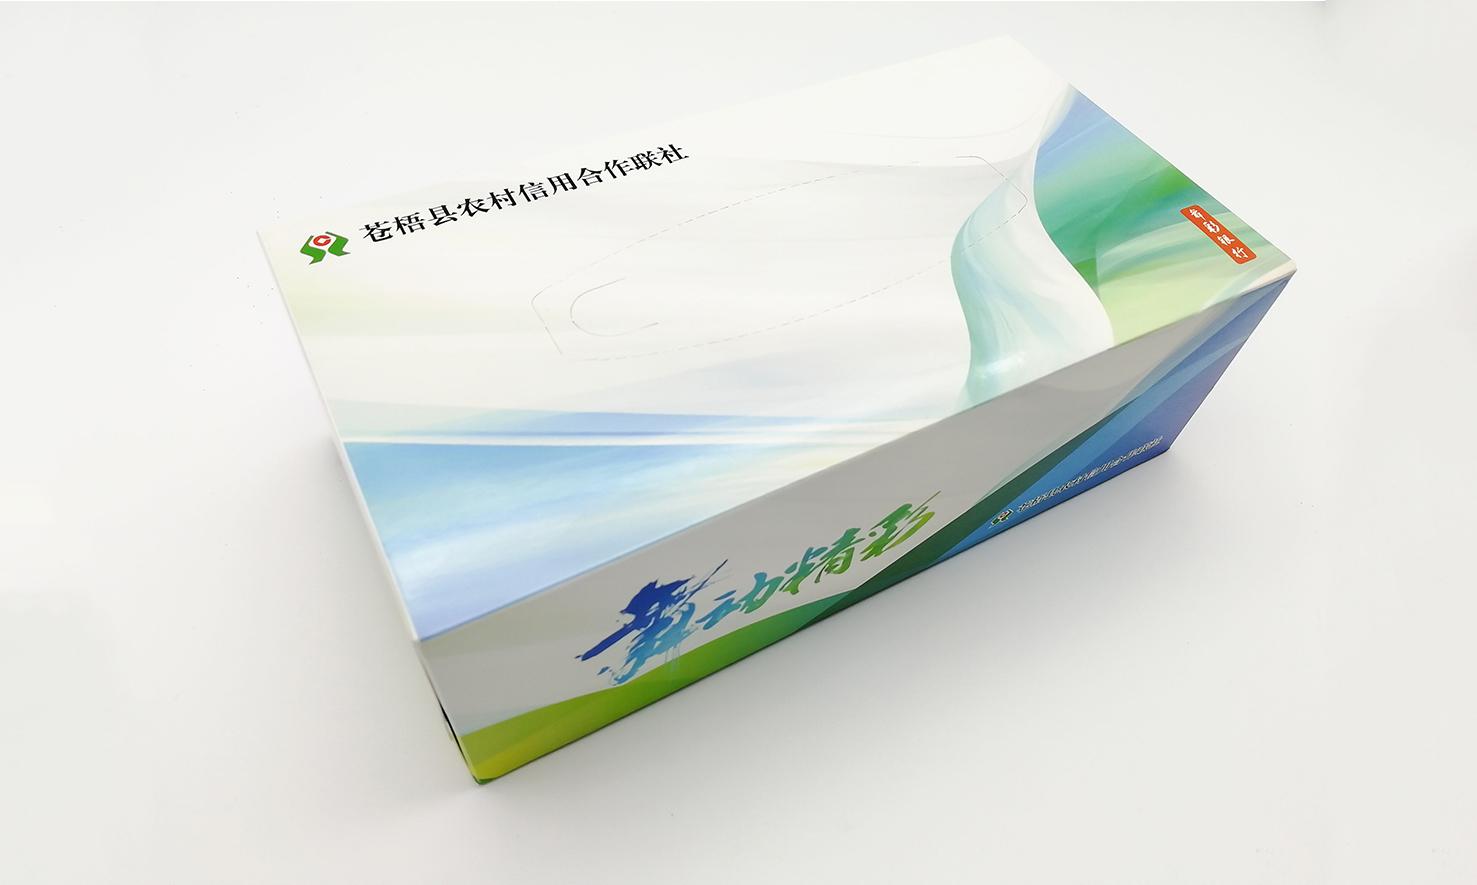 苍梧信用社广告盒抽纸巾